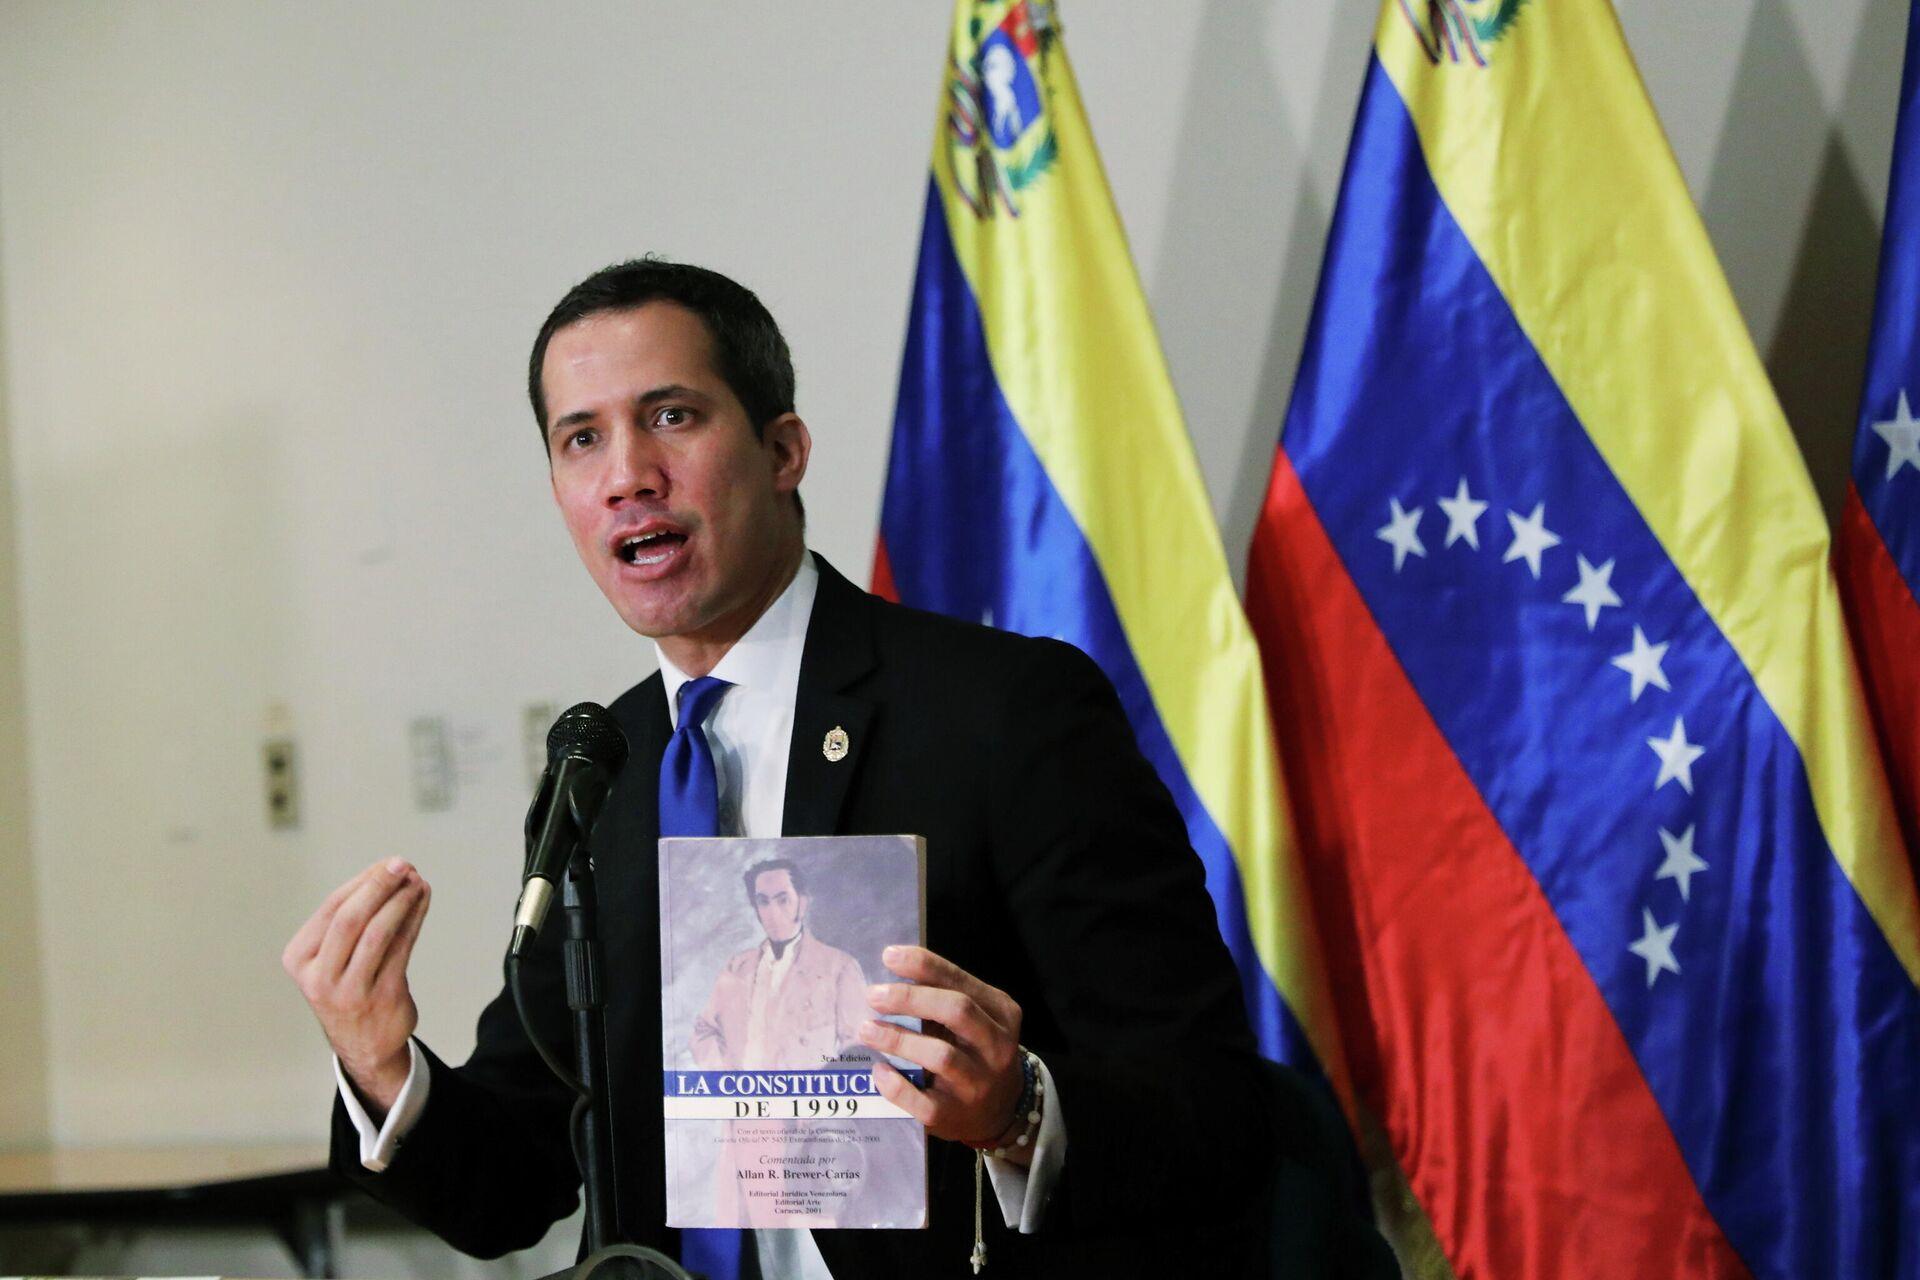 Лидер оппозиции Хуана Гуаидо во время пресс-конференции в Каракасе, Венесуэла. 5 декабря 2020 - РИА Новости, 1920, 07.12.2020